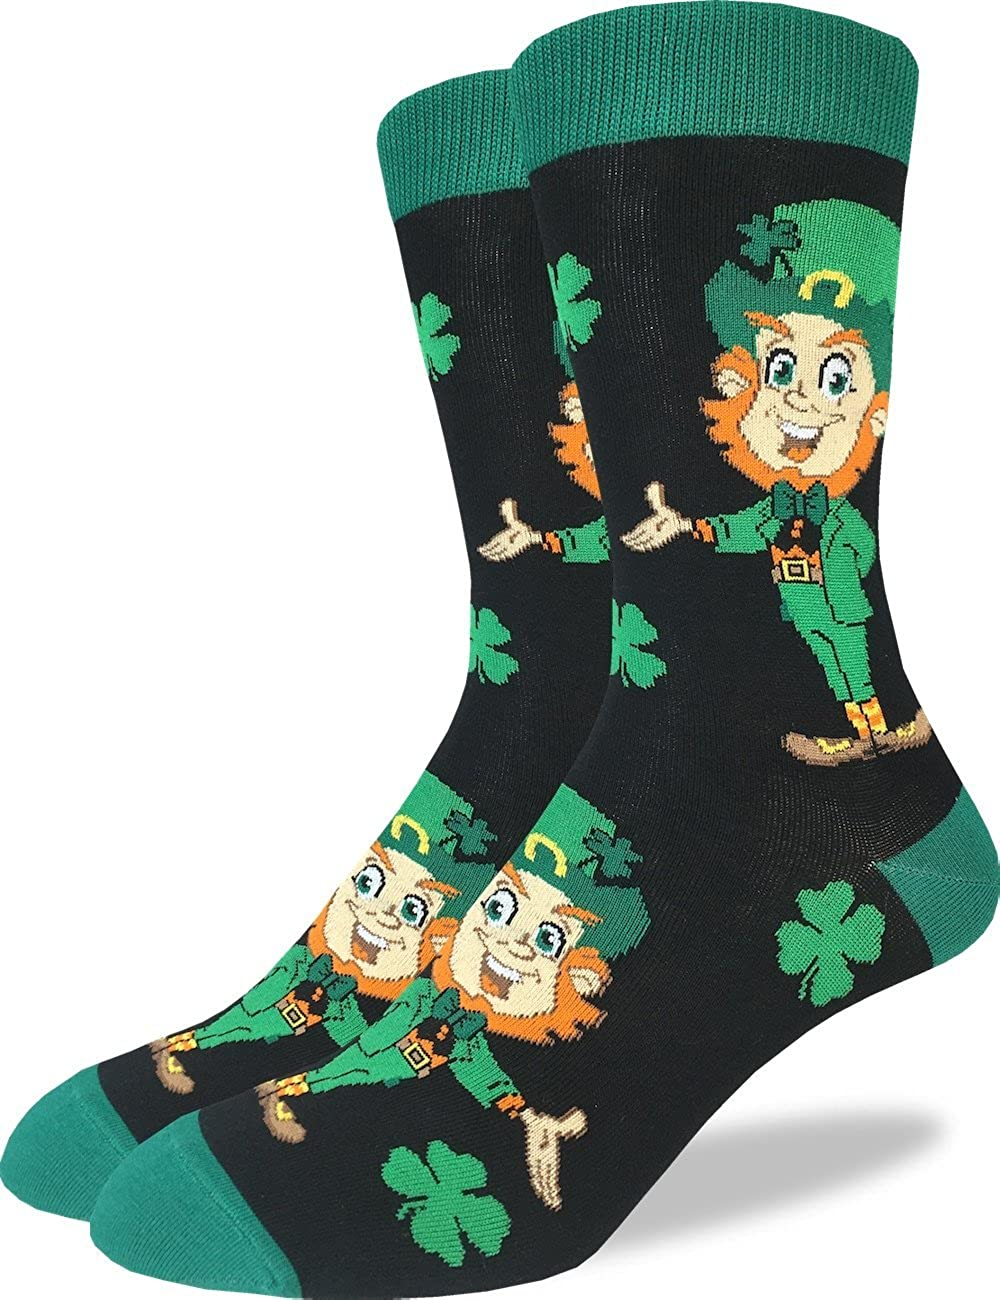 Patricks Day Leprechaun Socks Green Good Luck Sock Mens St Shoe Size 7-12